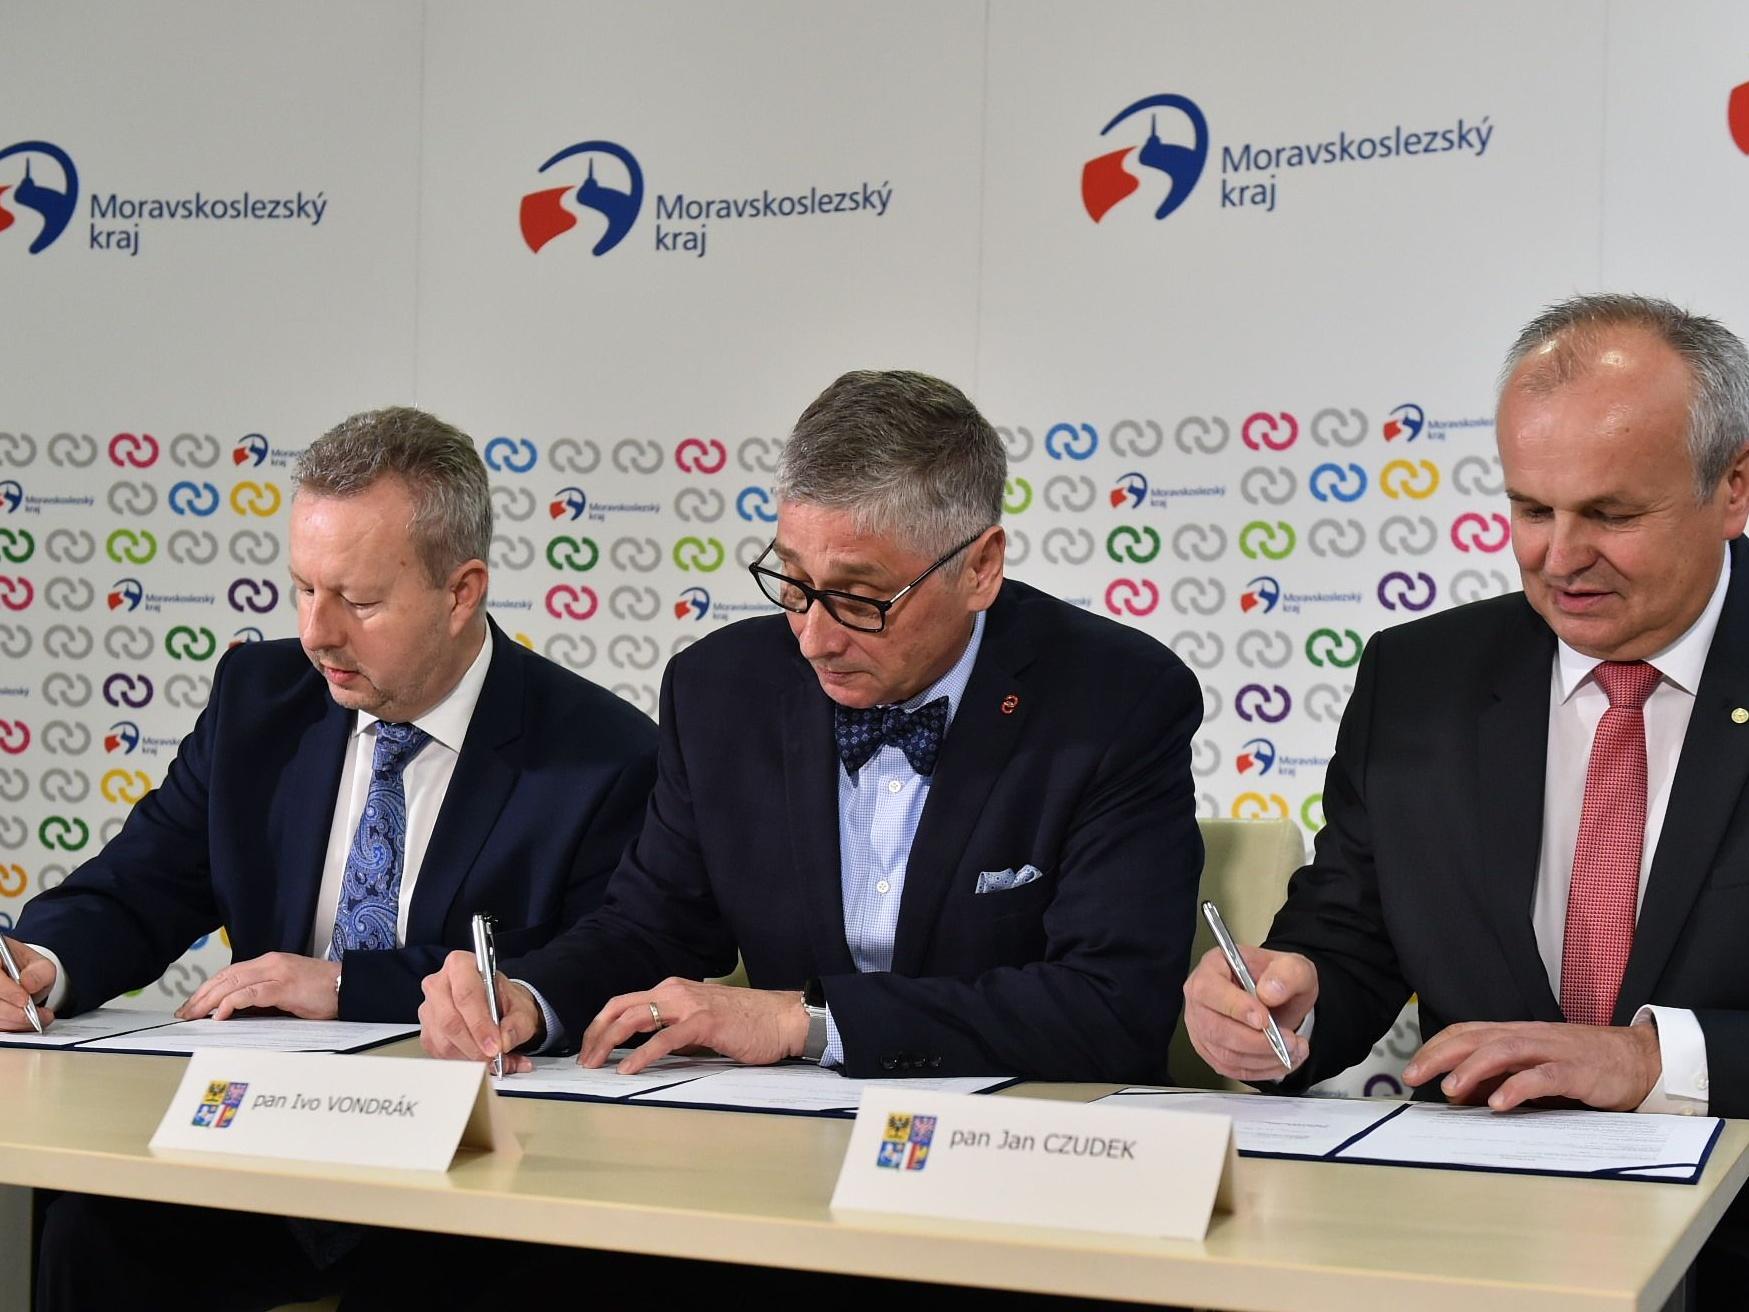 Ministr Brabec podepsal dohodu ke zlepšení kvality ovzduší v MSK